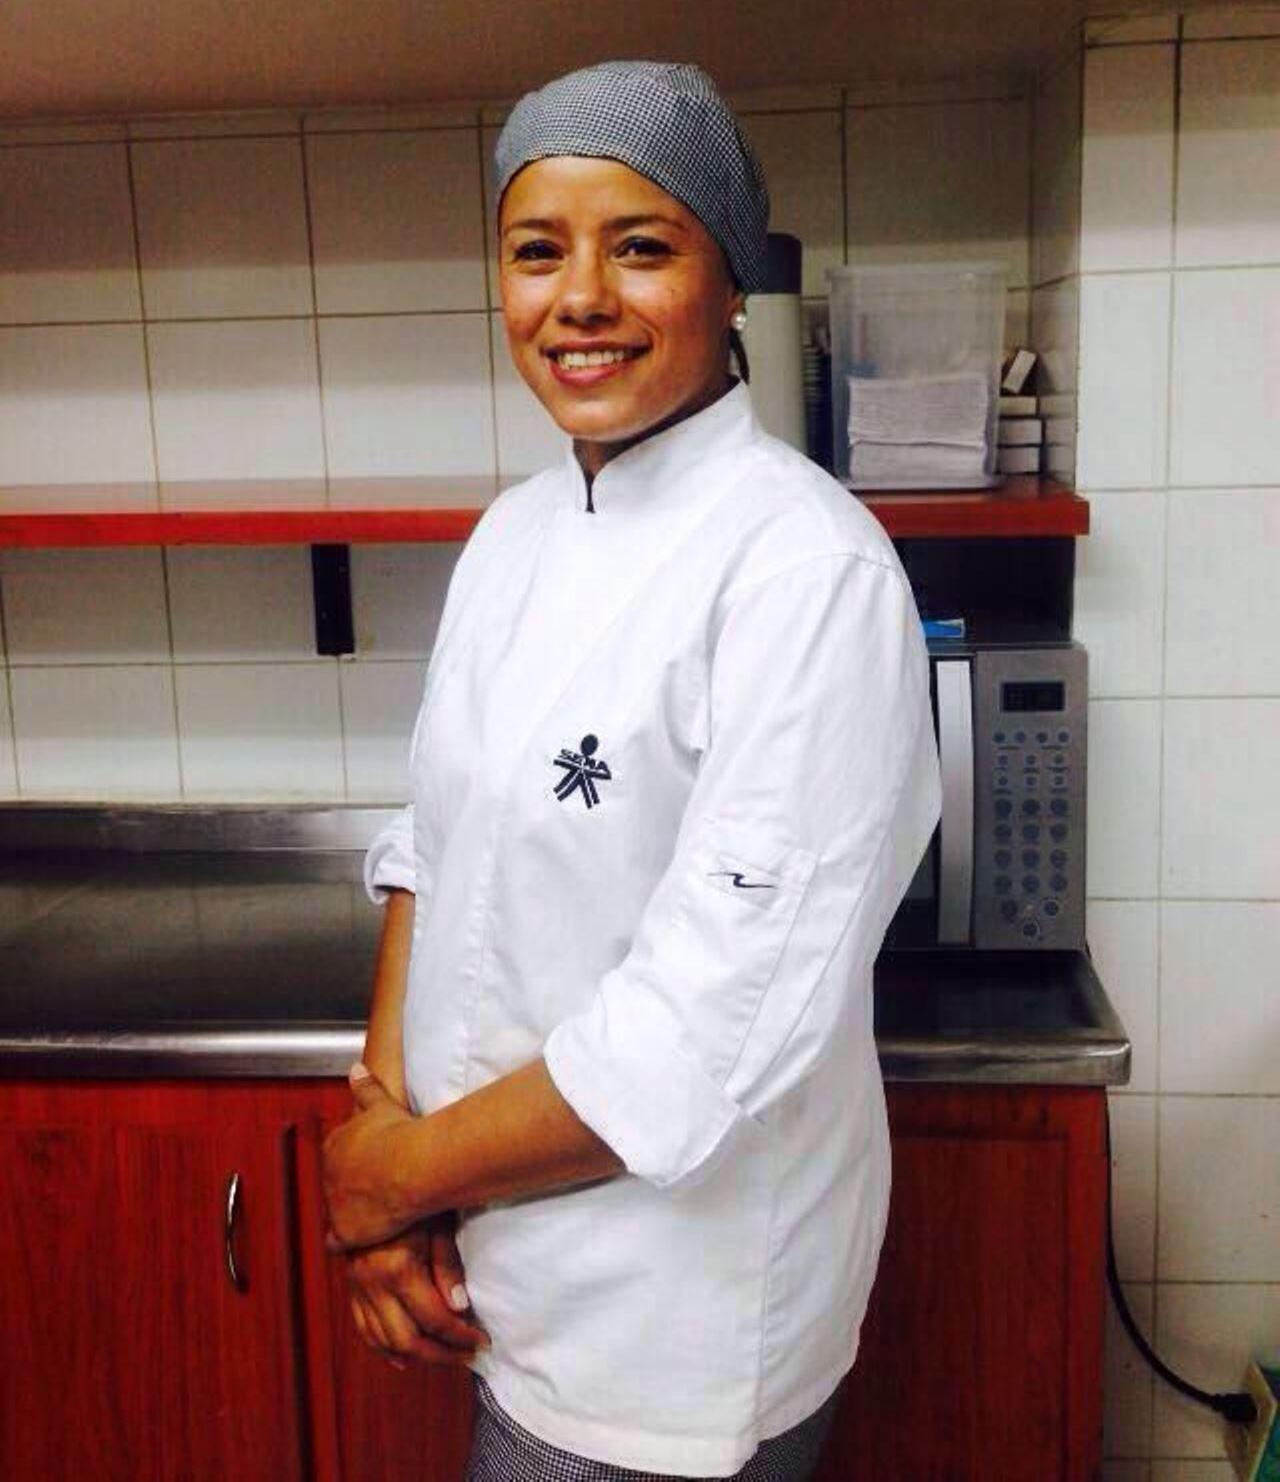 NOTISENA RISARALDA: Aprendiz de Risaralda, segundo lugar en Cocina ...